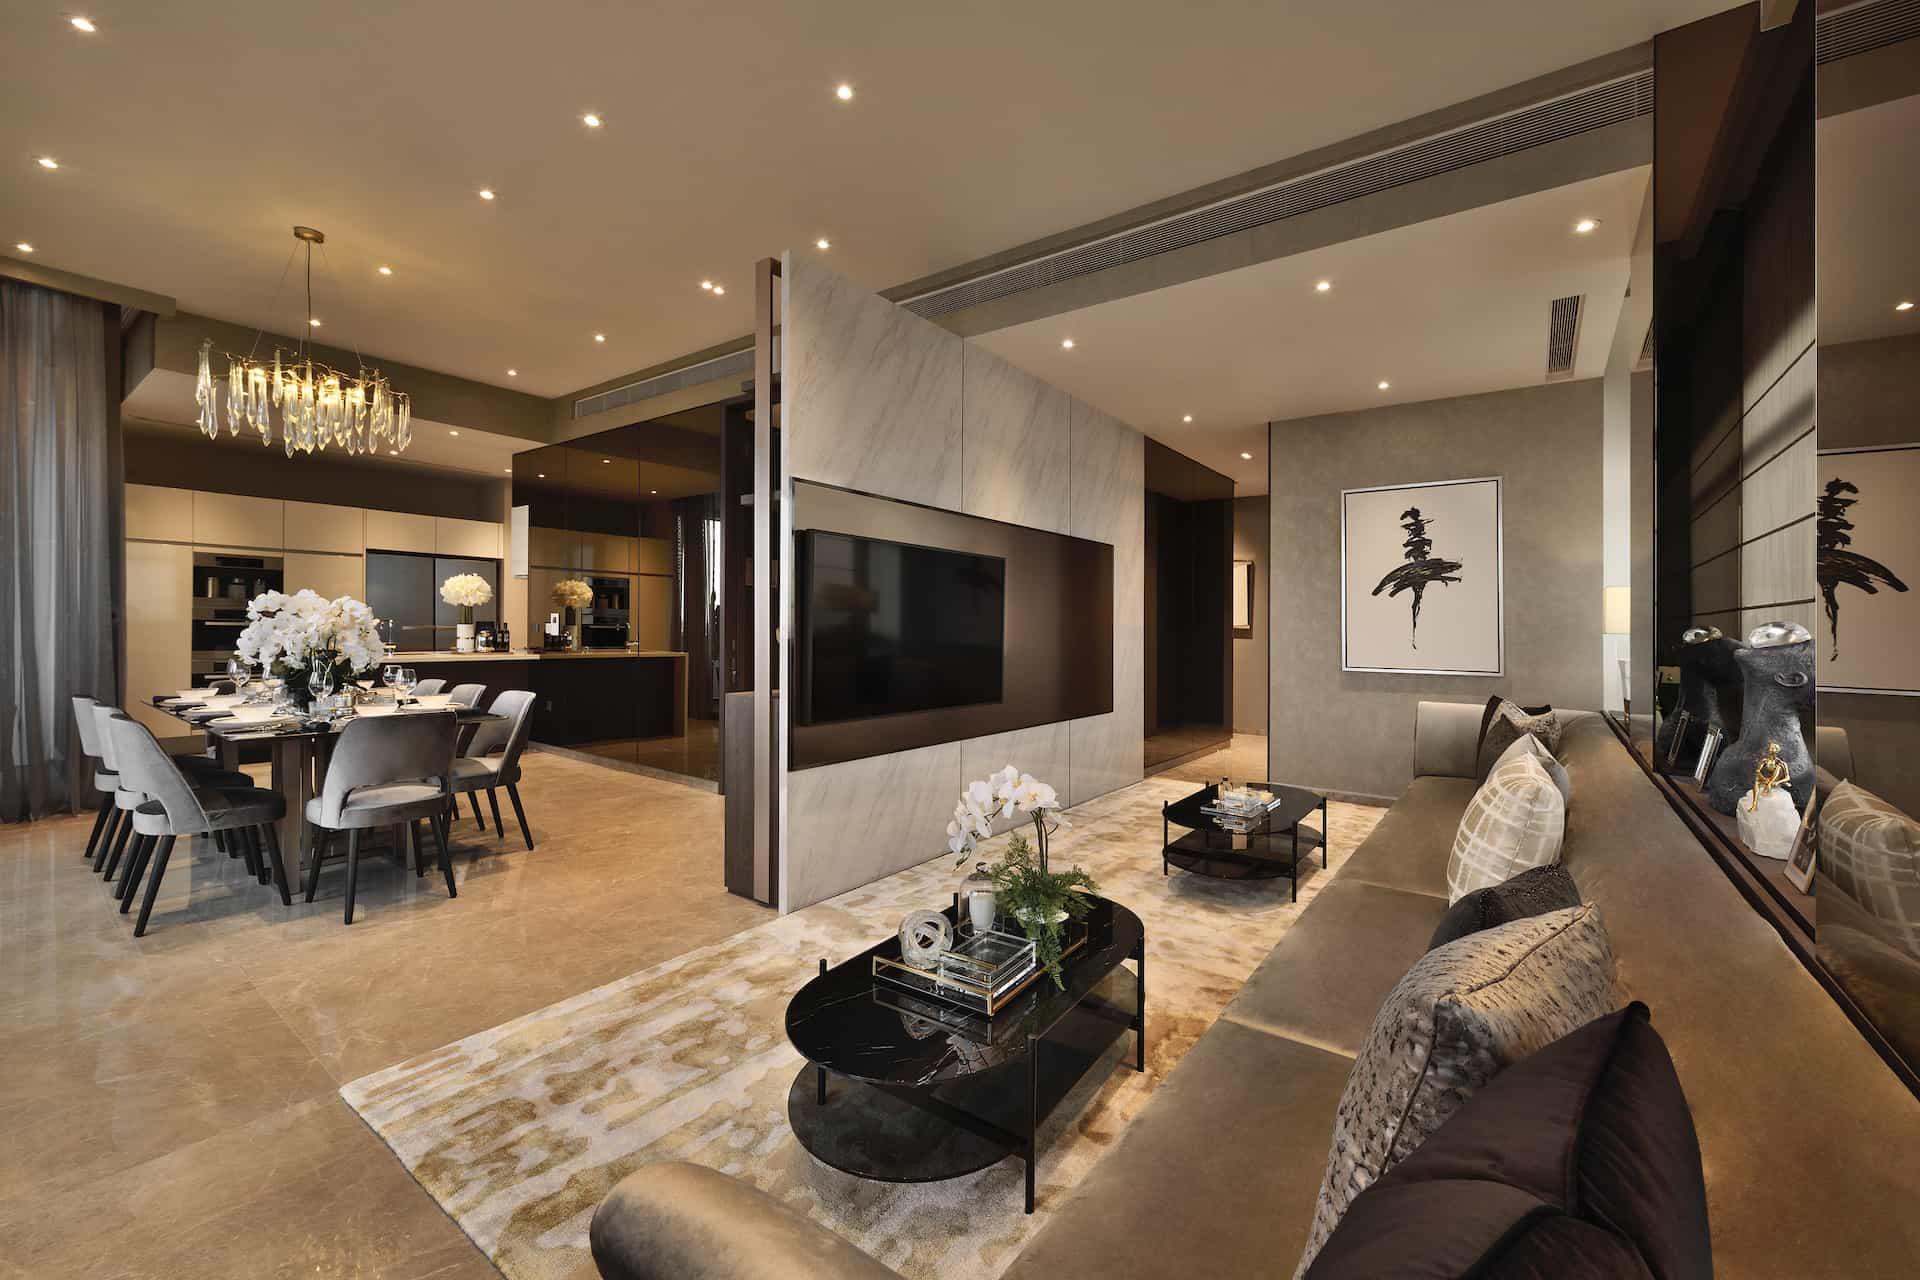 Nouvel 18 4 Bedroom Chalked Interior Design